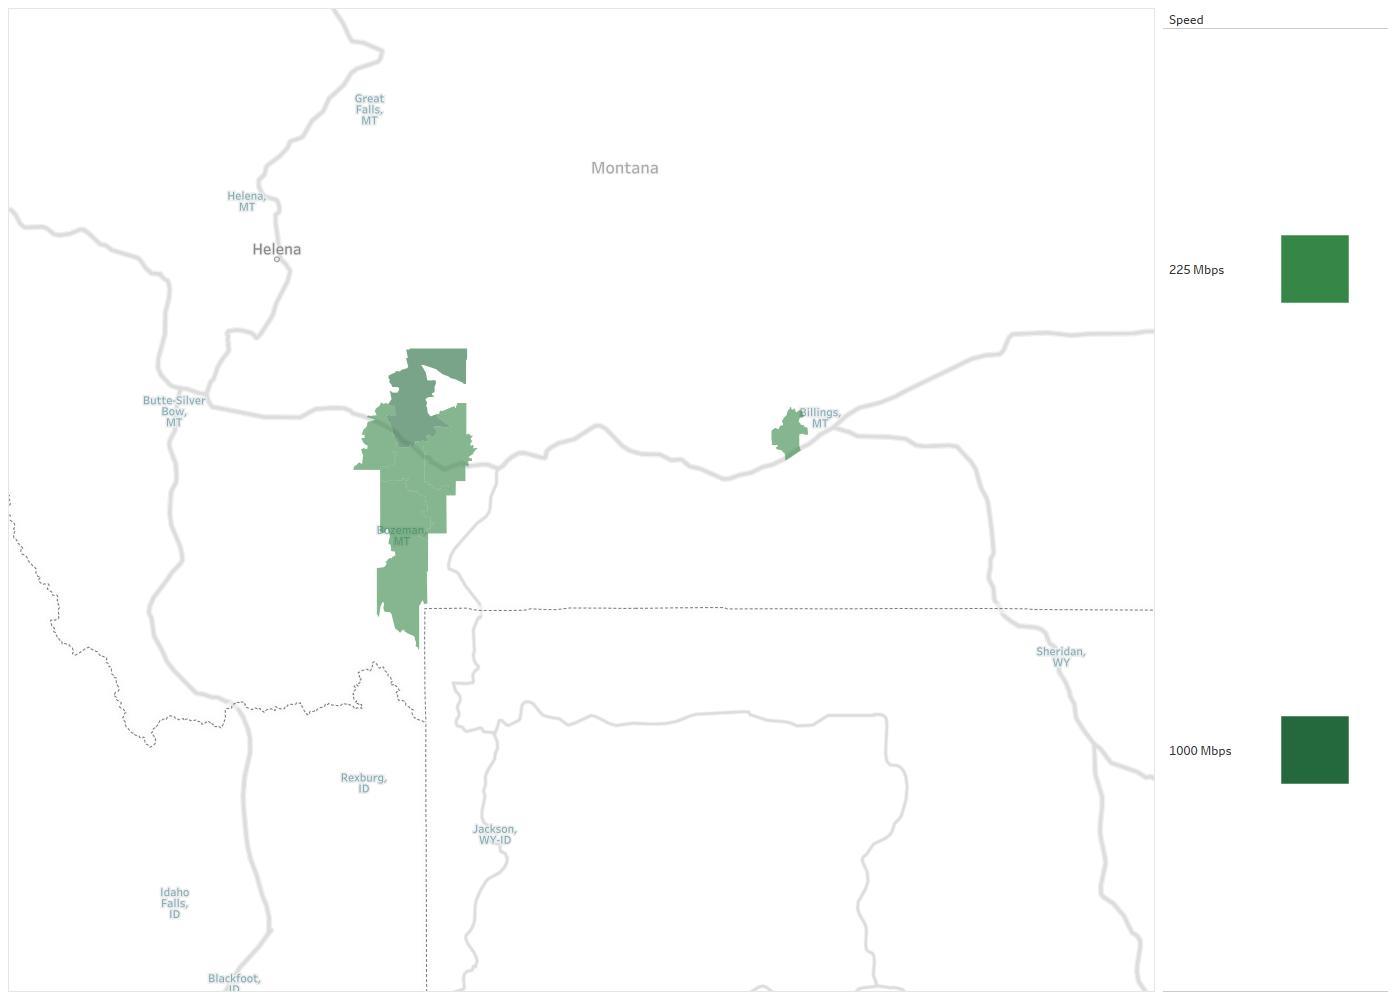 Montana Opticom Availability Areas & Coverage Map | Decision Data